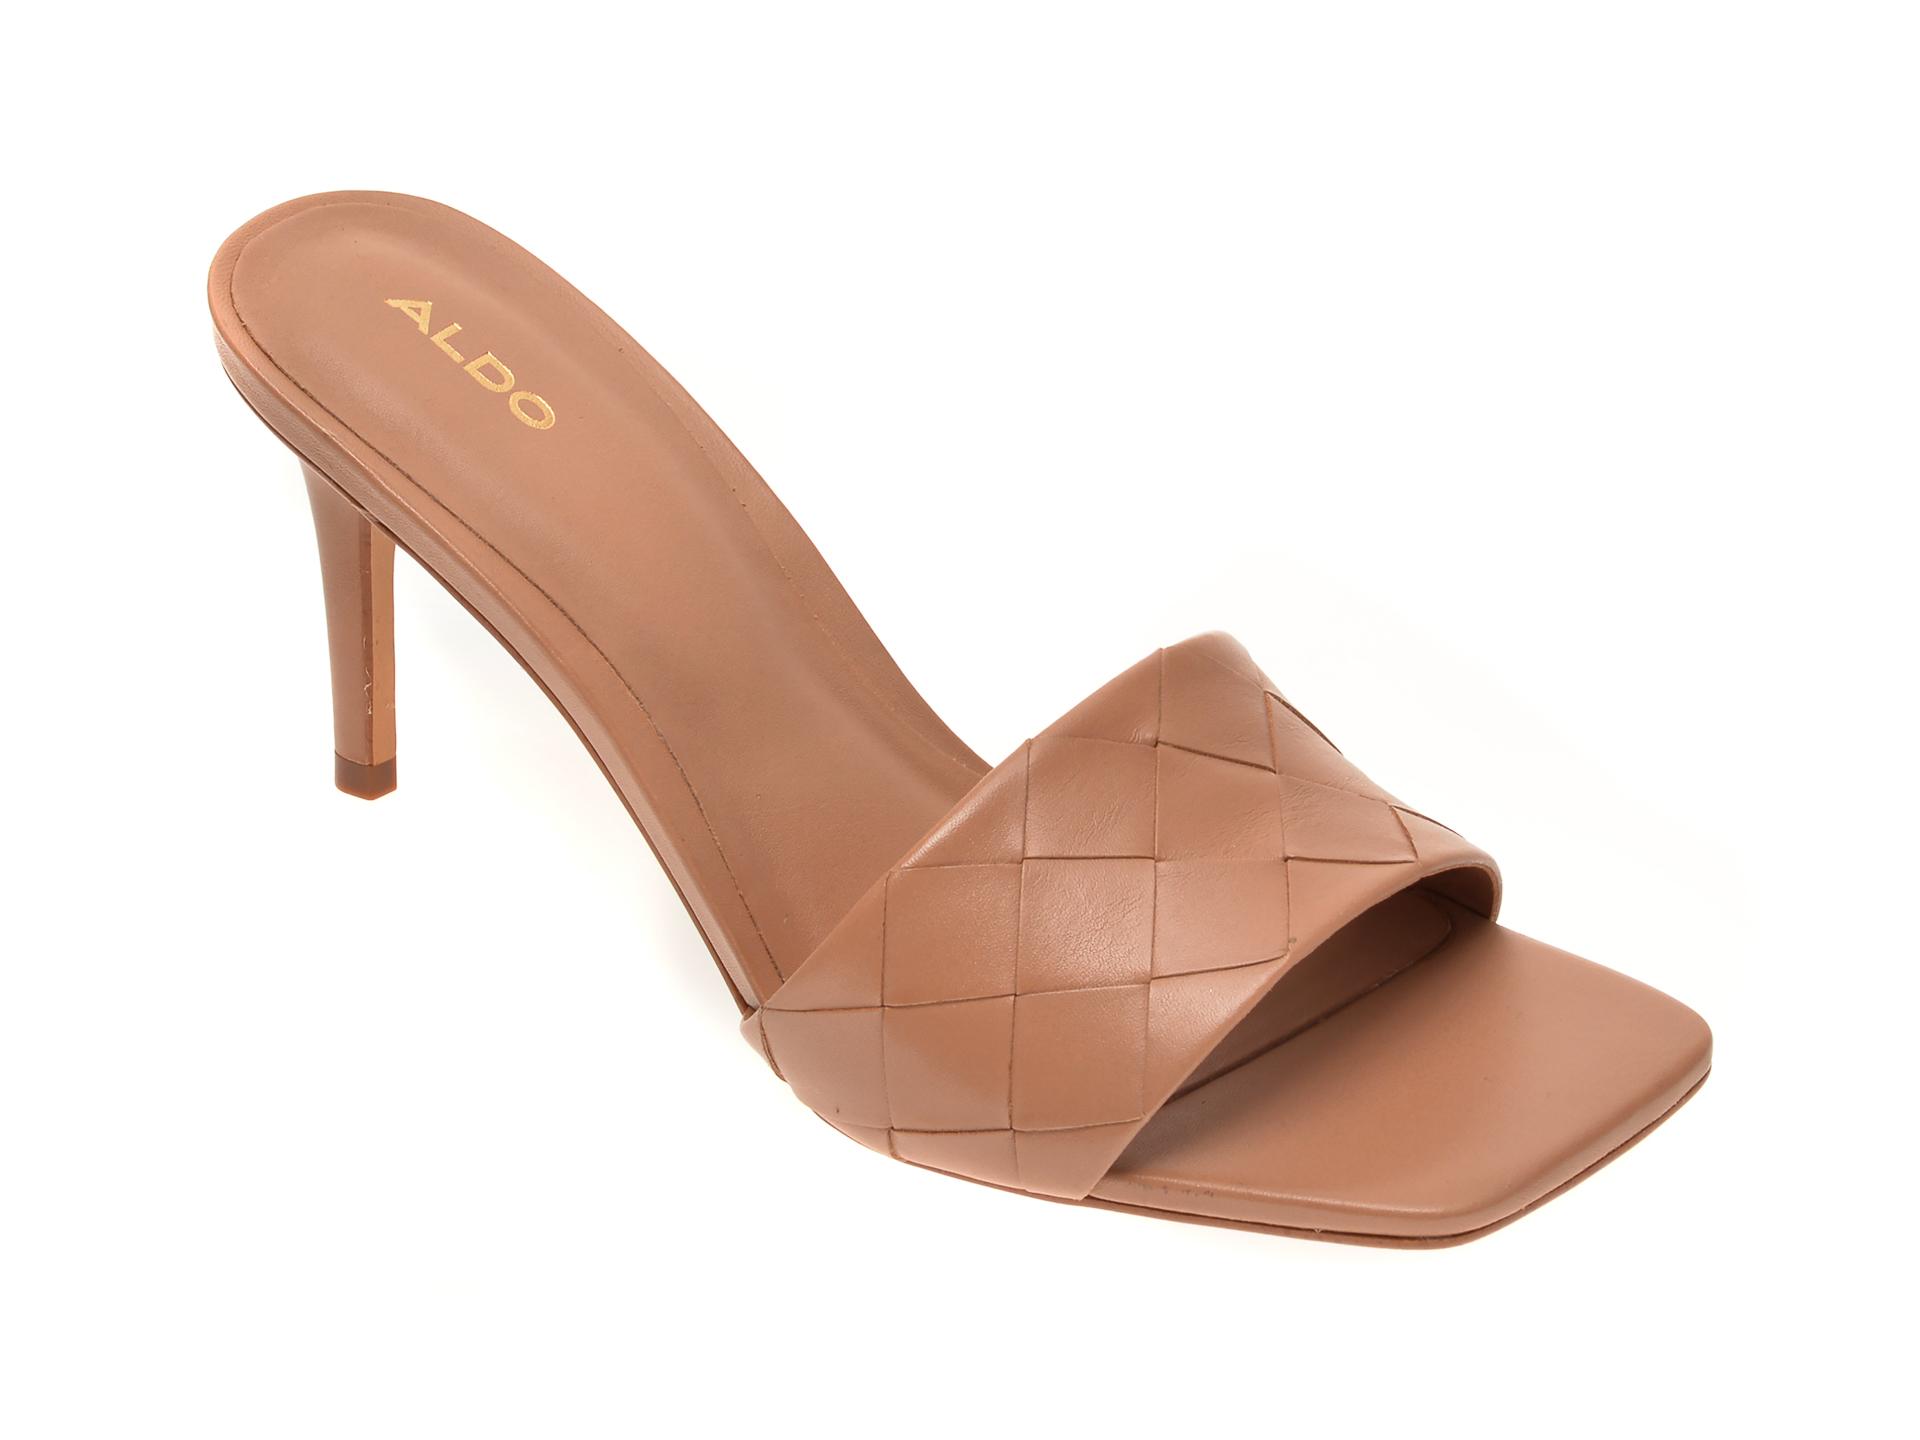 Sandale ALDO nude, Acendan270, din piele naturala imagine otter.ro